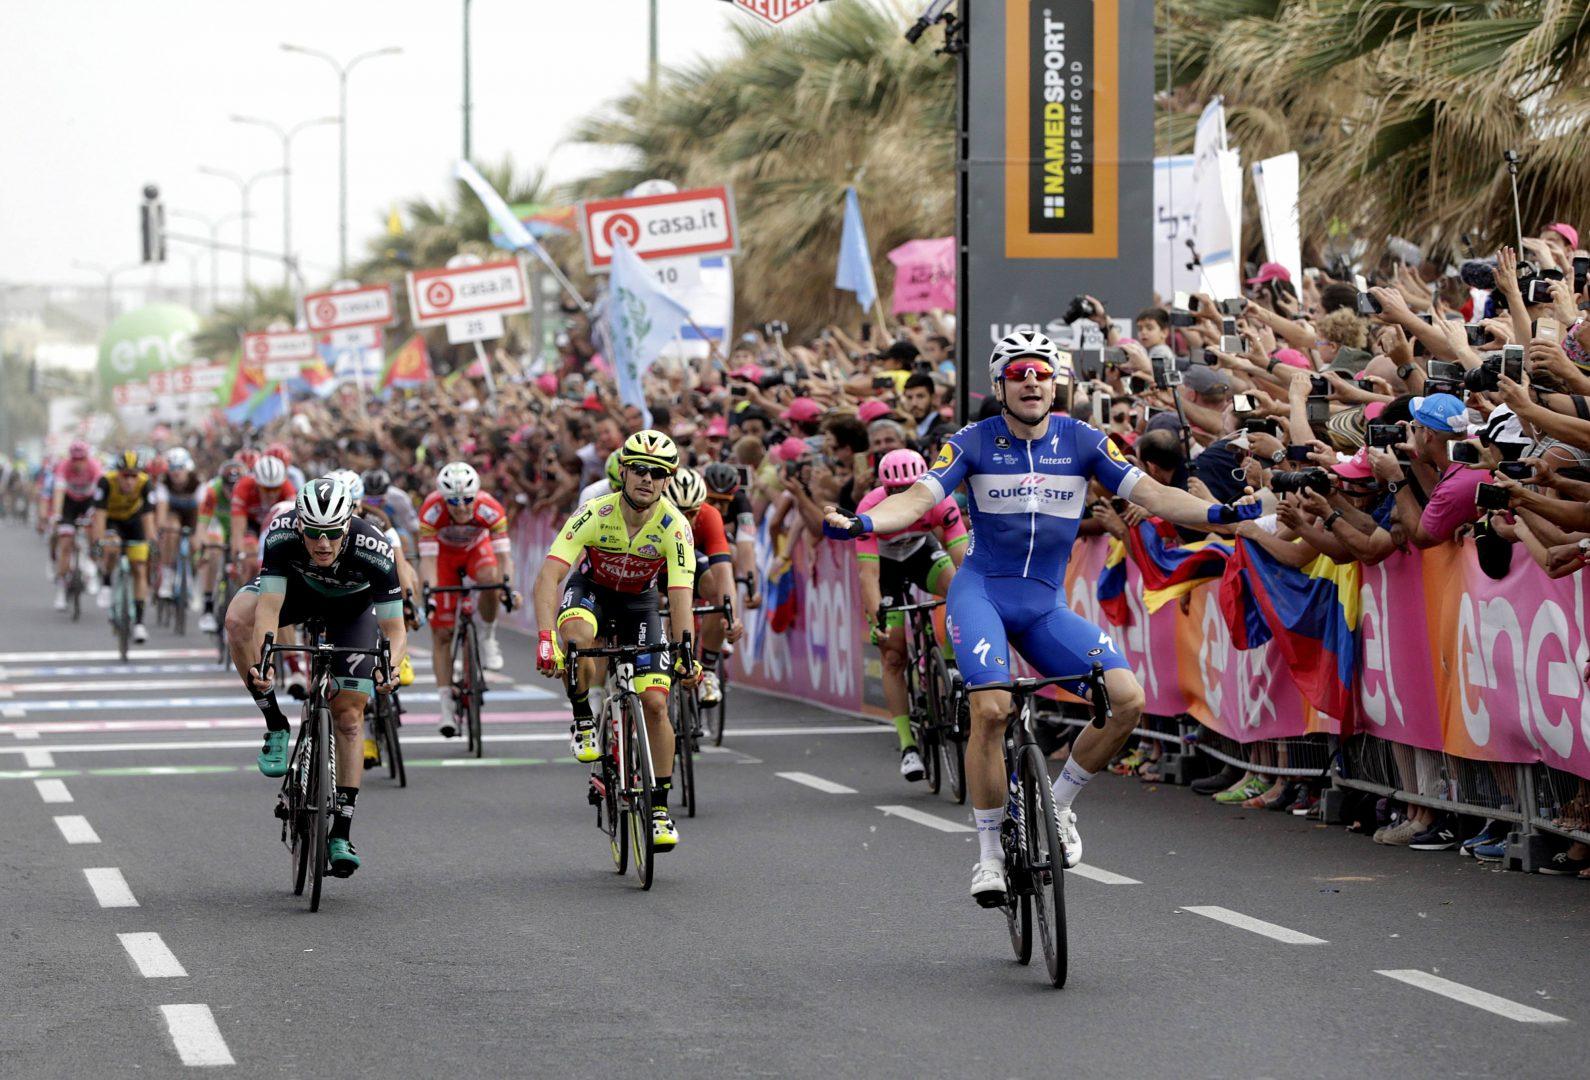 Elia Viviani (Quick Step) cumplió con su condición de favorito en el primer esprint y se mostró superior a sus rivales para imponerse en la segunda etapa del Giro de Italia. (Foto: EFE)